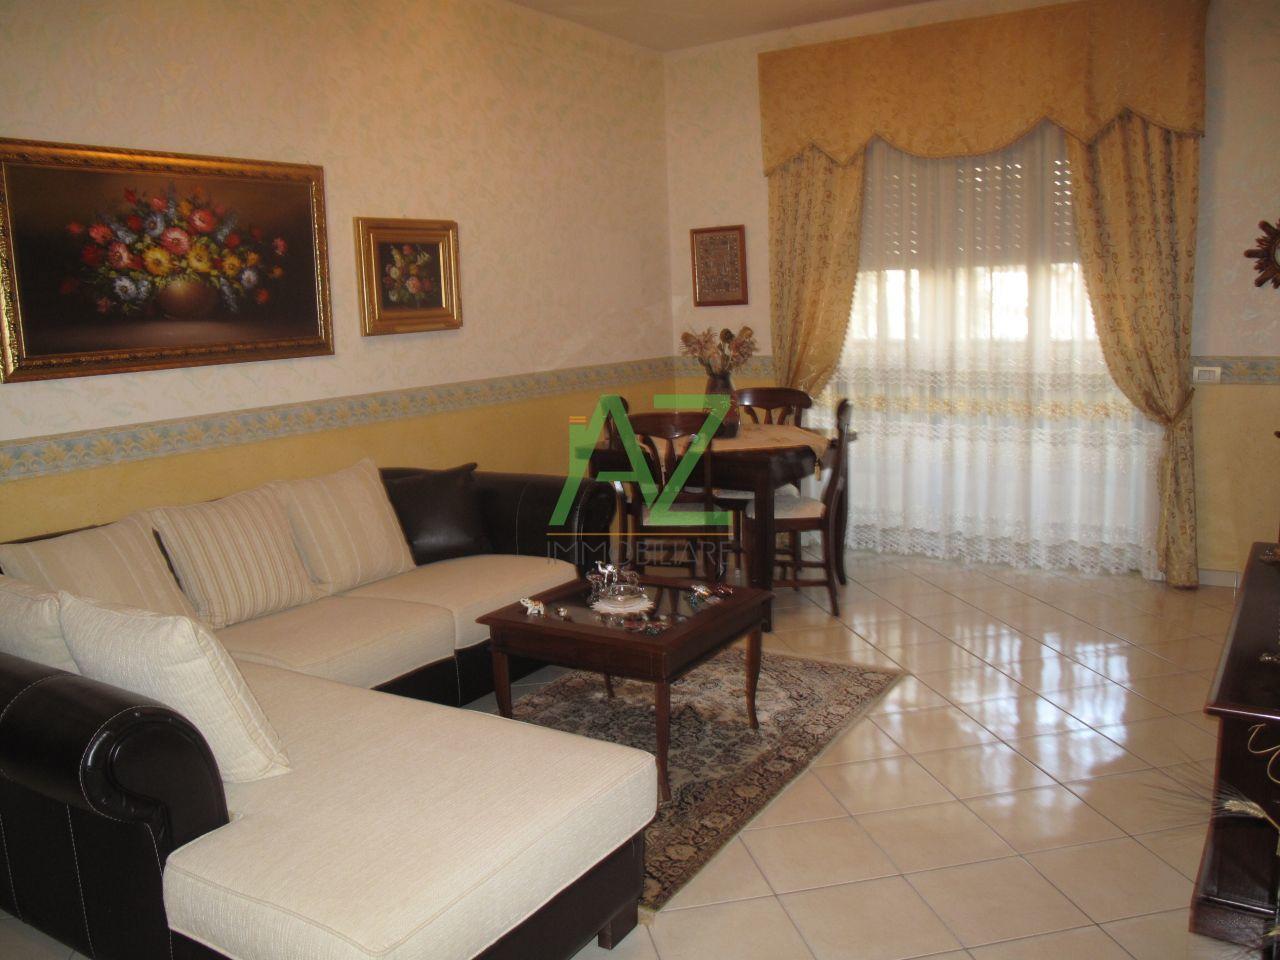 Appartamento in vendita a Motta Sant'Anastasia, 4 locali, prezzo € 110.000 | Cambio Casa.it